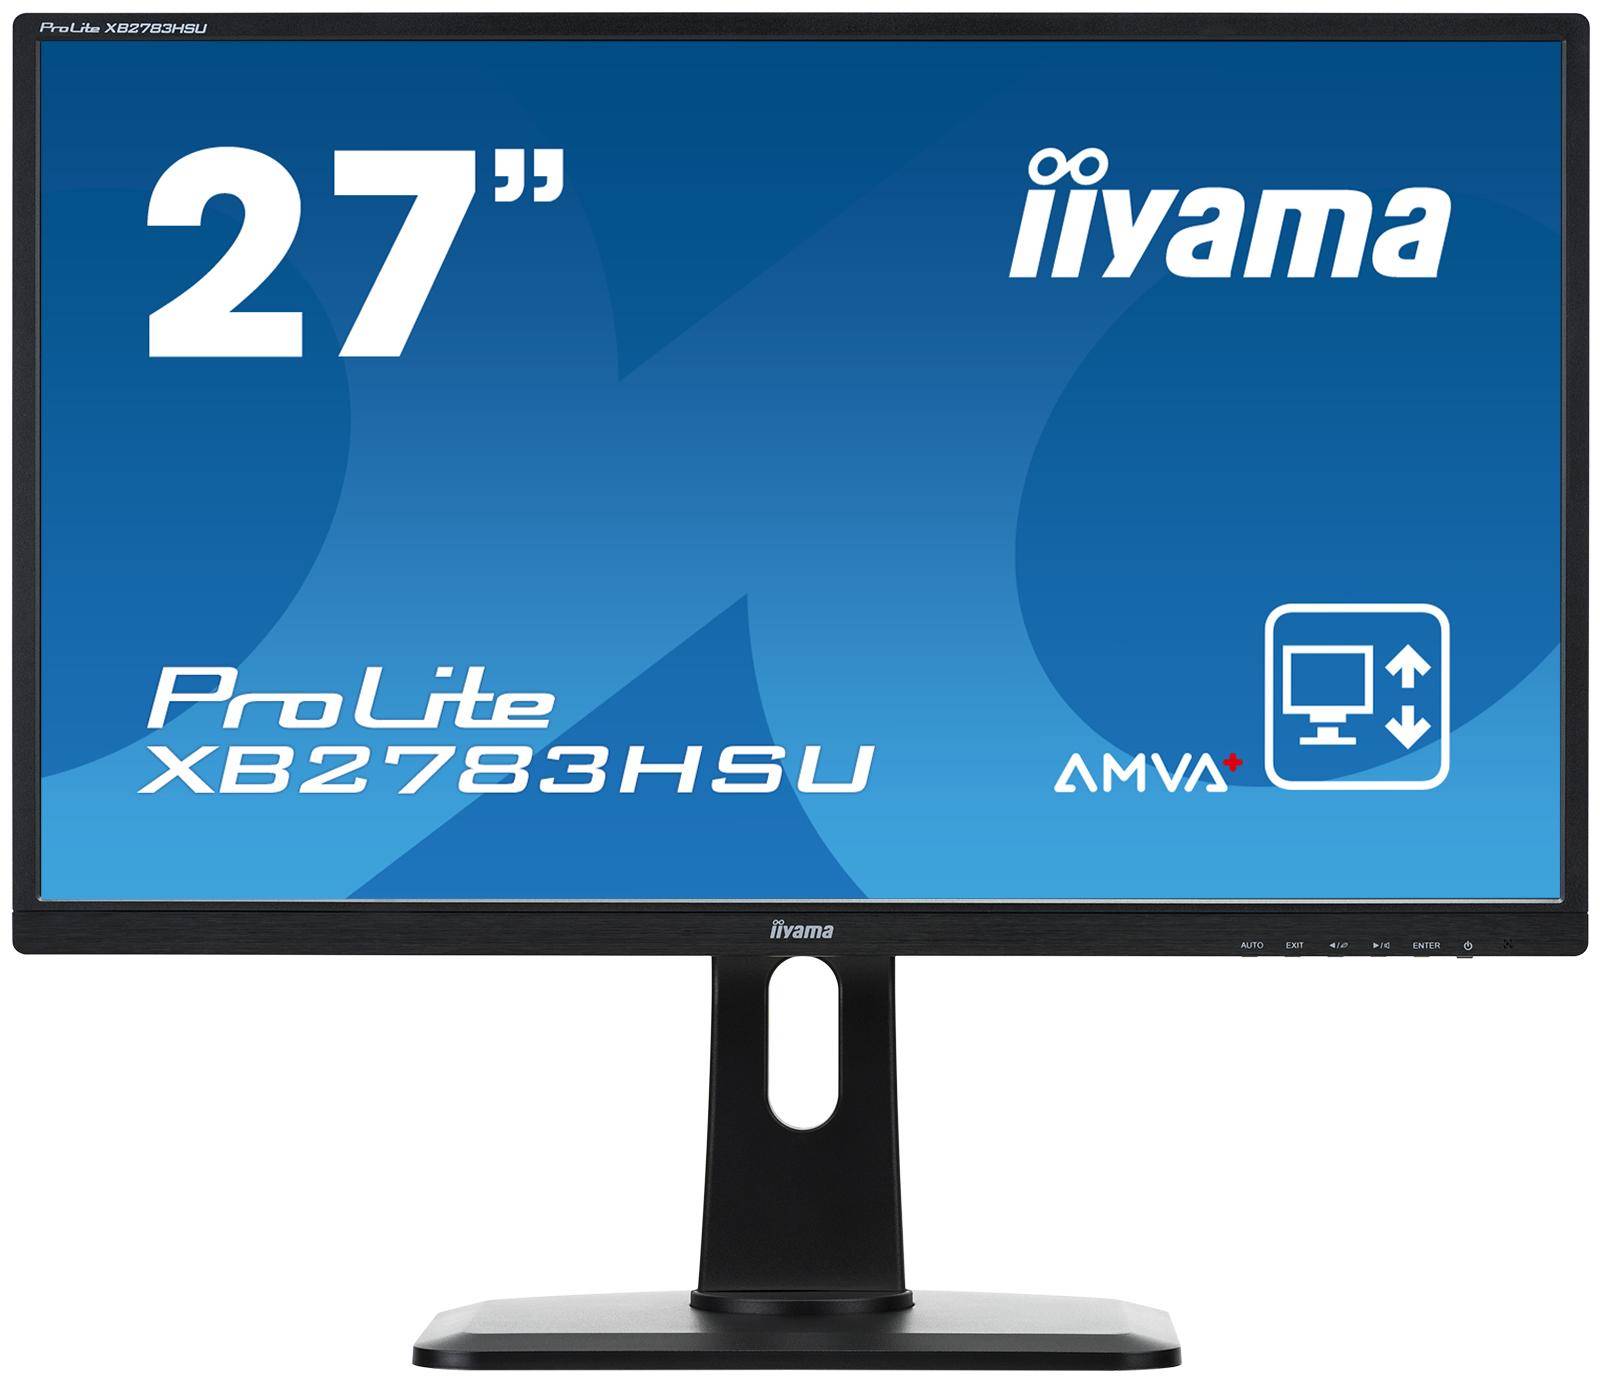 """27"""" LCD iiyama XB2783HSU-B1DP -AMVA+,4ms,300cd,3000:1,FHD,VGA,DVI,DP,USB,repro,pivot,výšk.nast."""